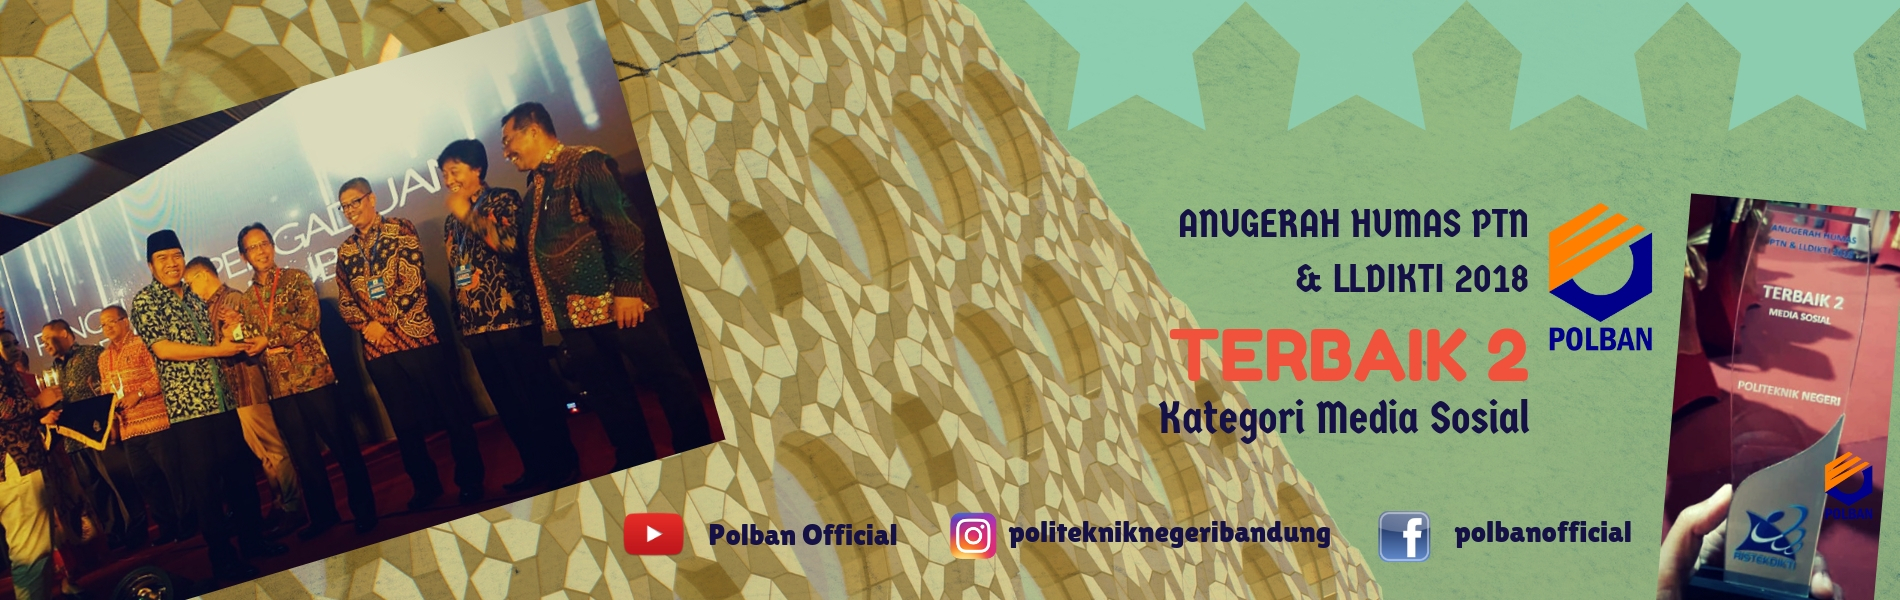 #AnugerahHumas2018 #polbanterbaik2